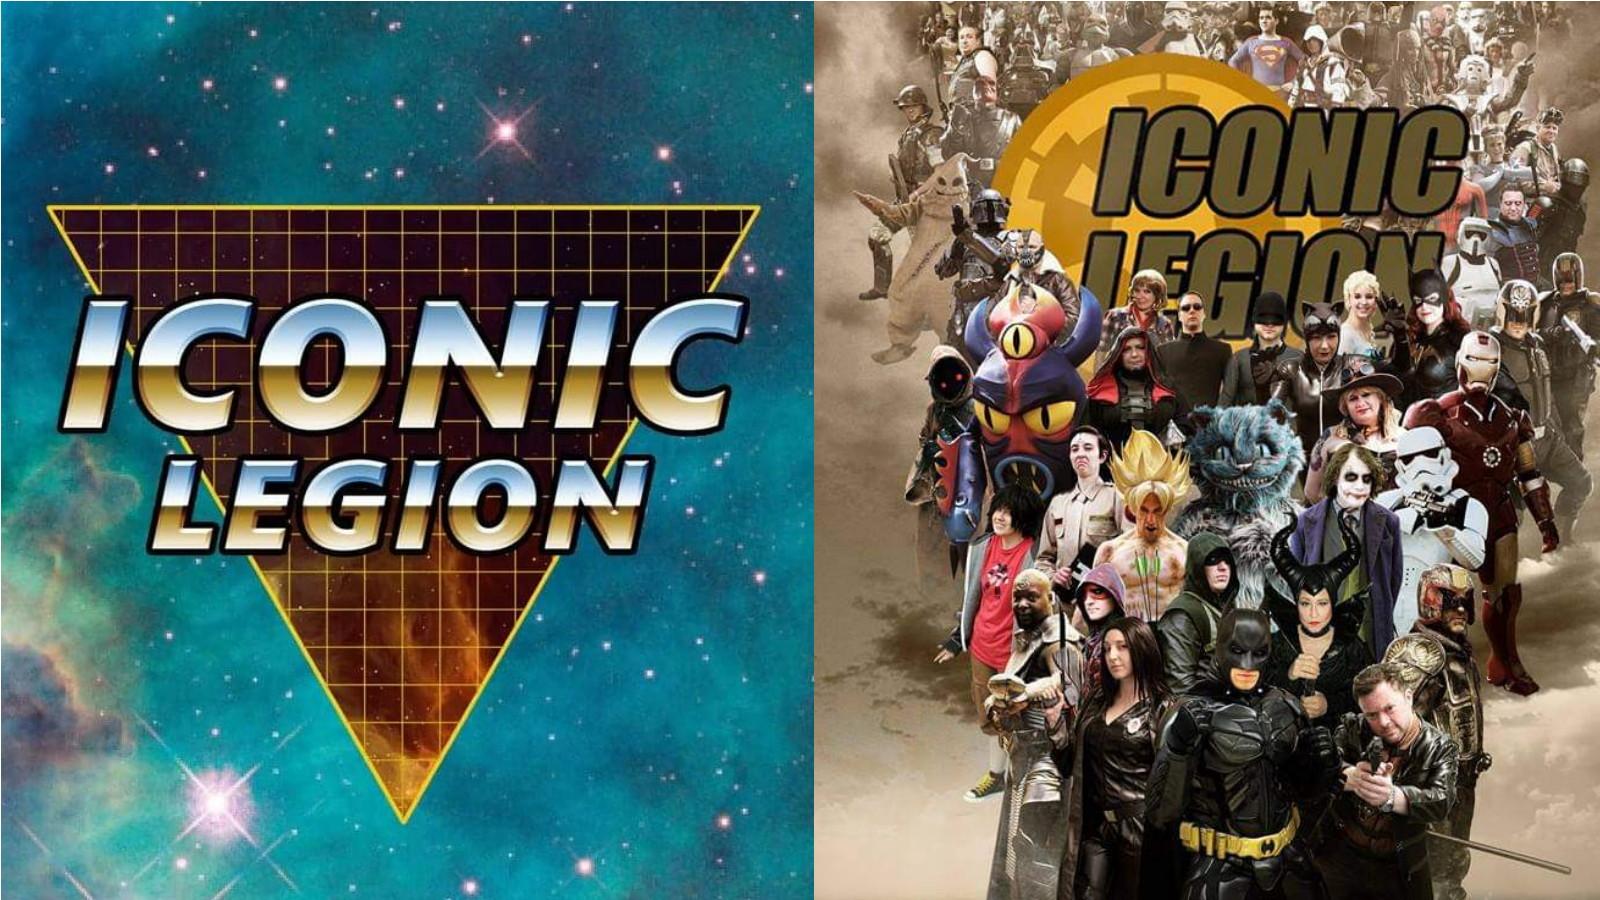 Iconic Legion